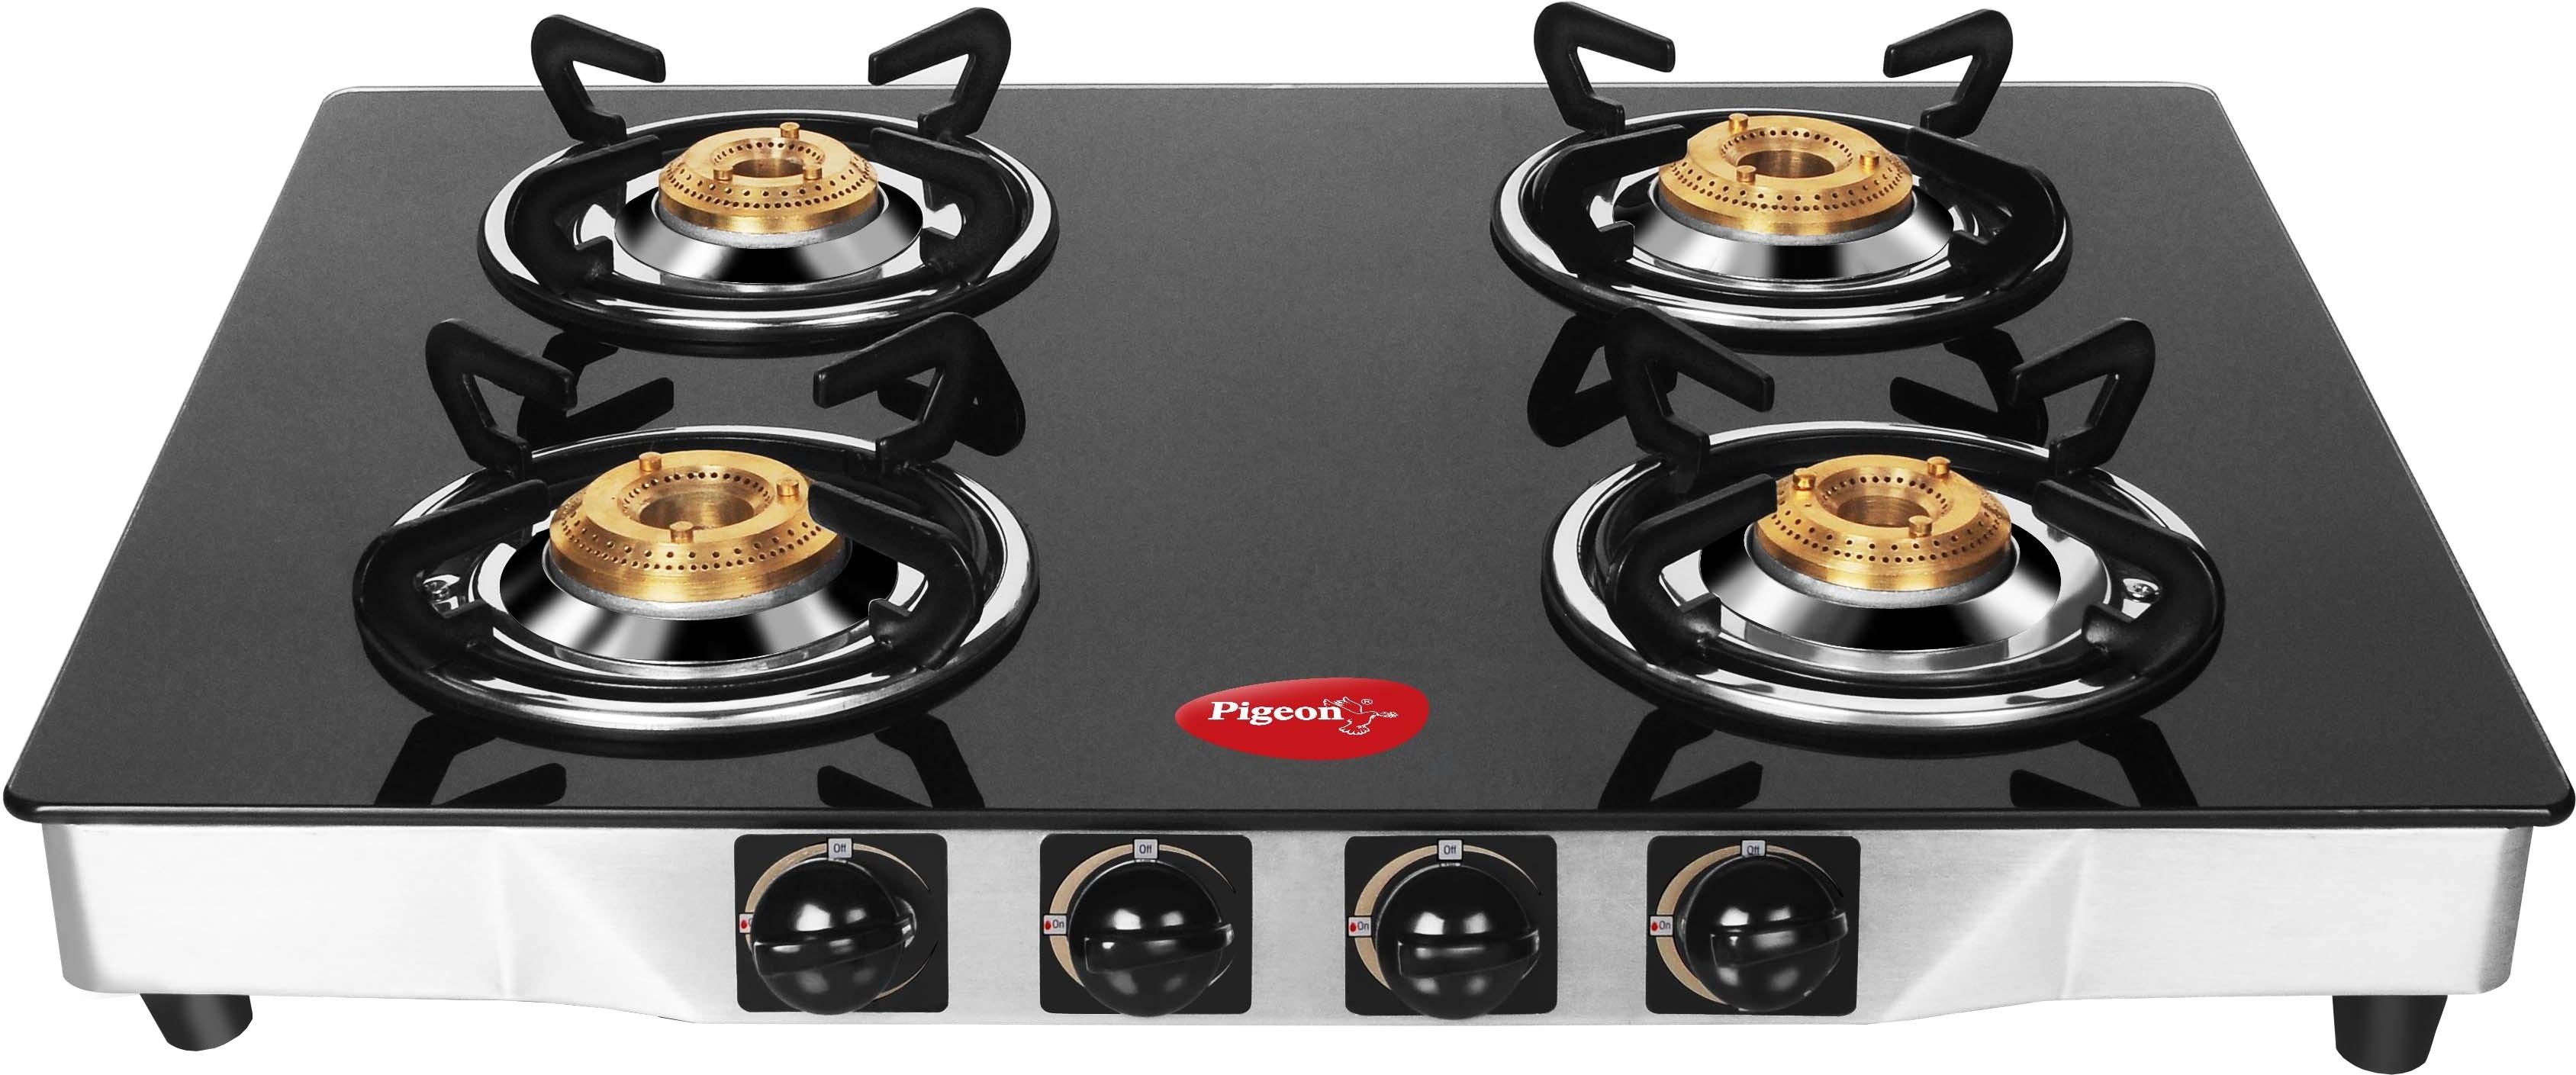 Deals - Hyderabad - Up to 40% Off <br> Prestige & more<br> Category - kitchen_dining<br> Business - Flipkart.com